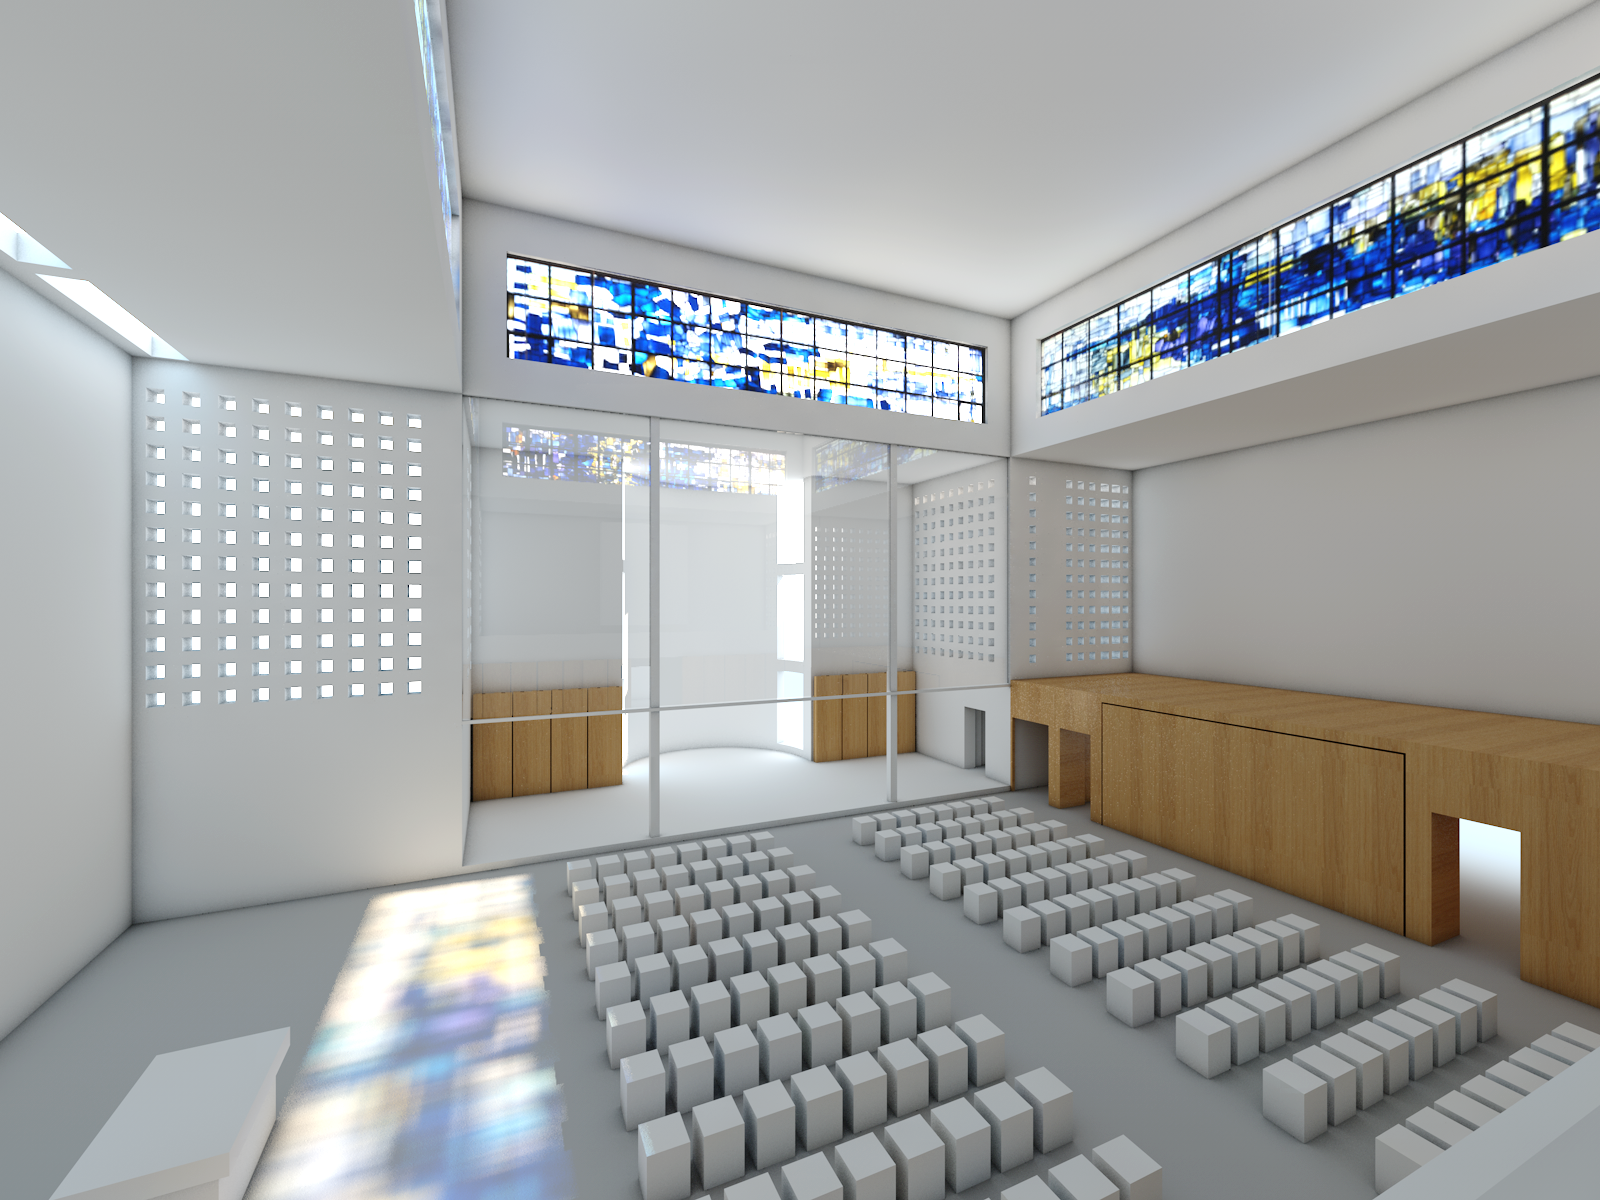 Marien Kirche Oer_Konzept 2-2